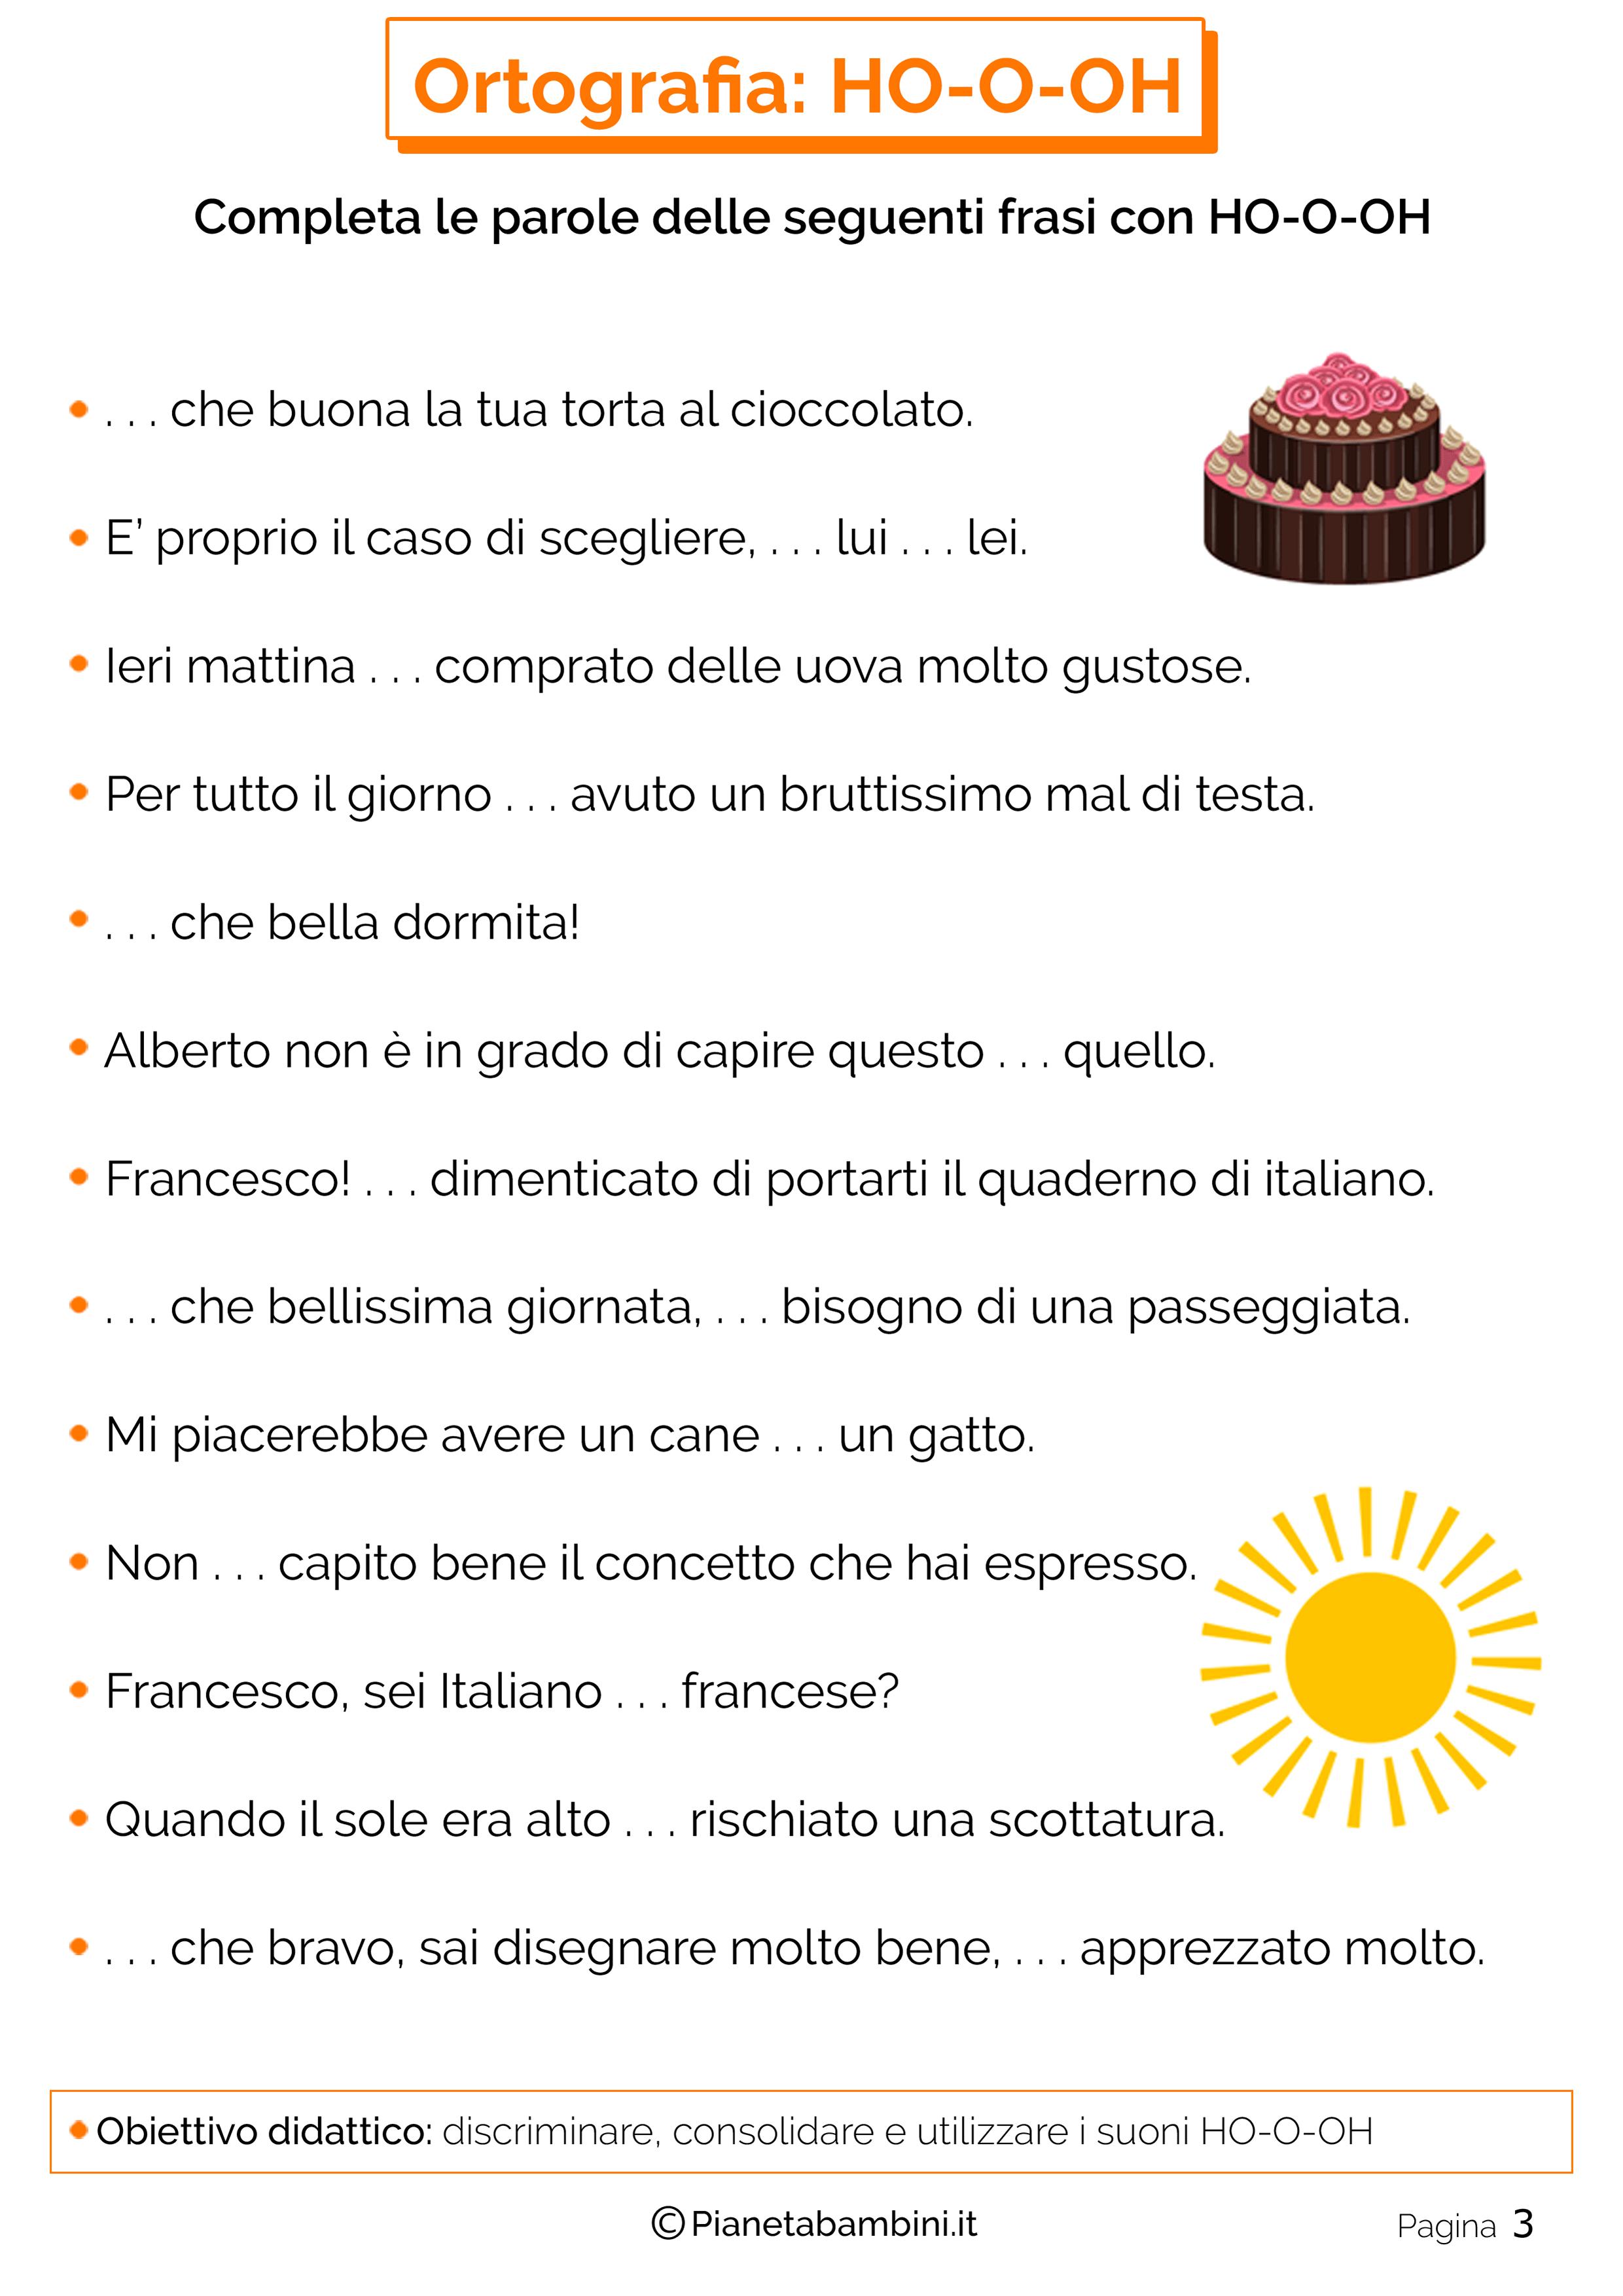 Eccezionale Schede Didattiche sull'H da Stampare | PianetaBambini.it FF45